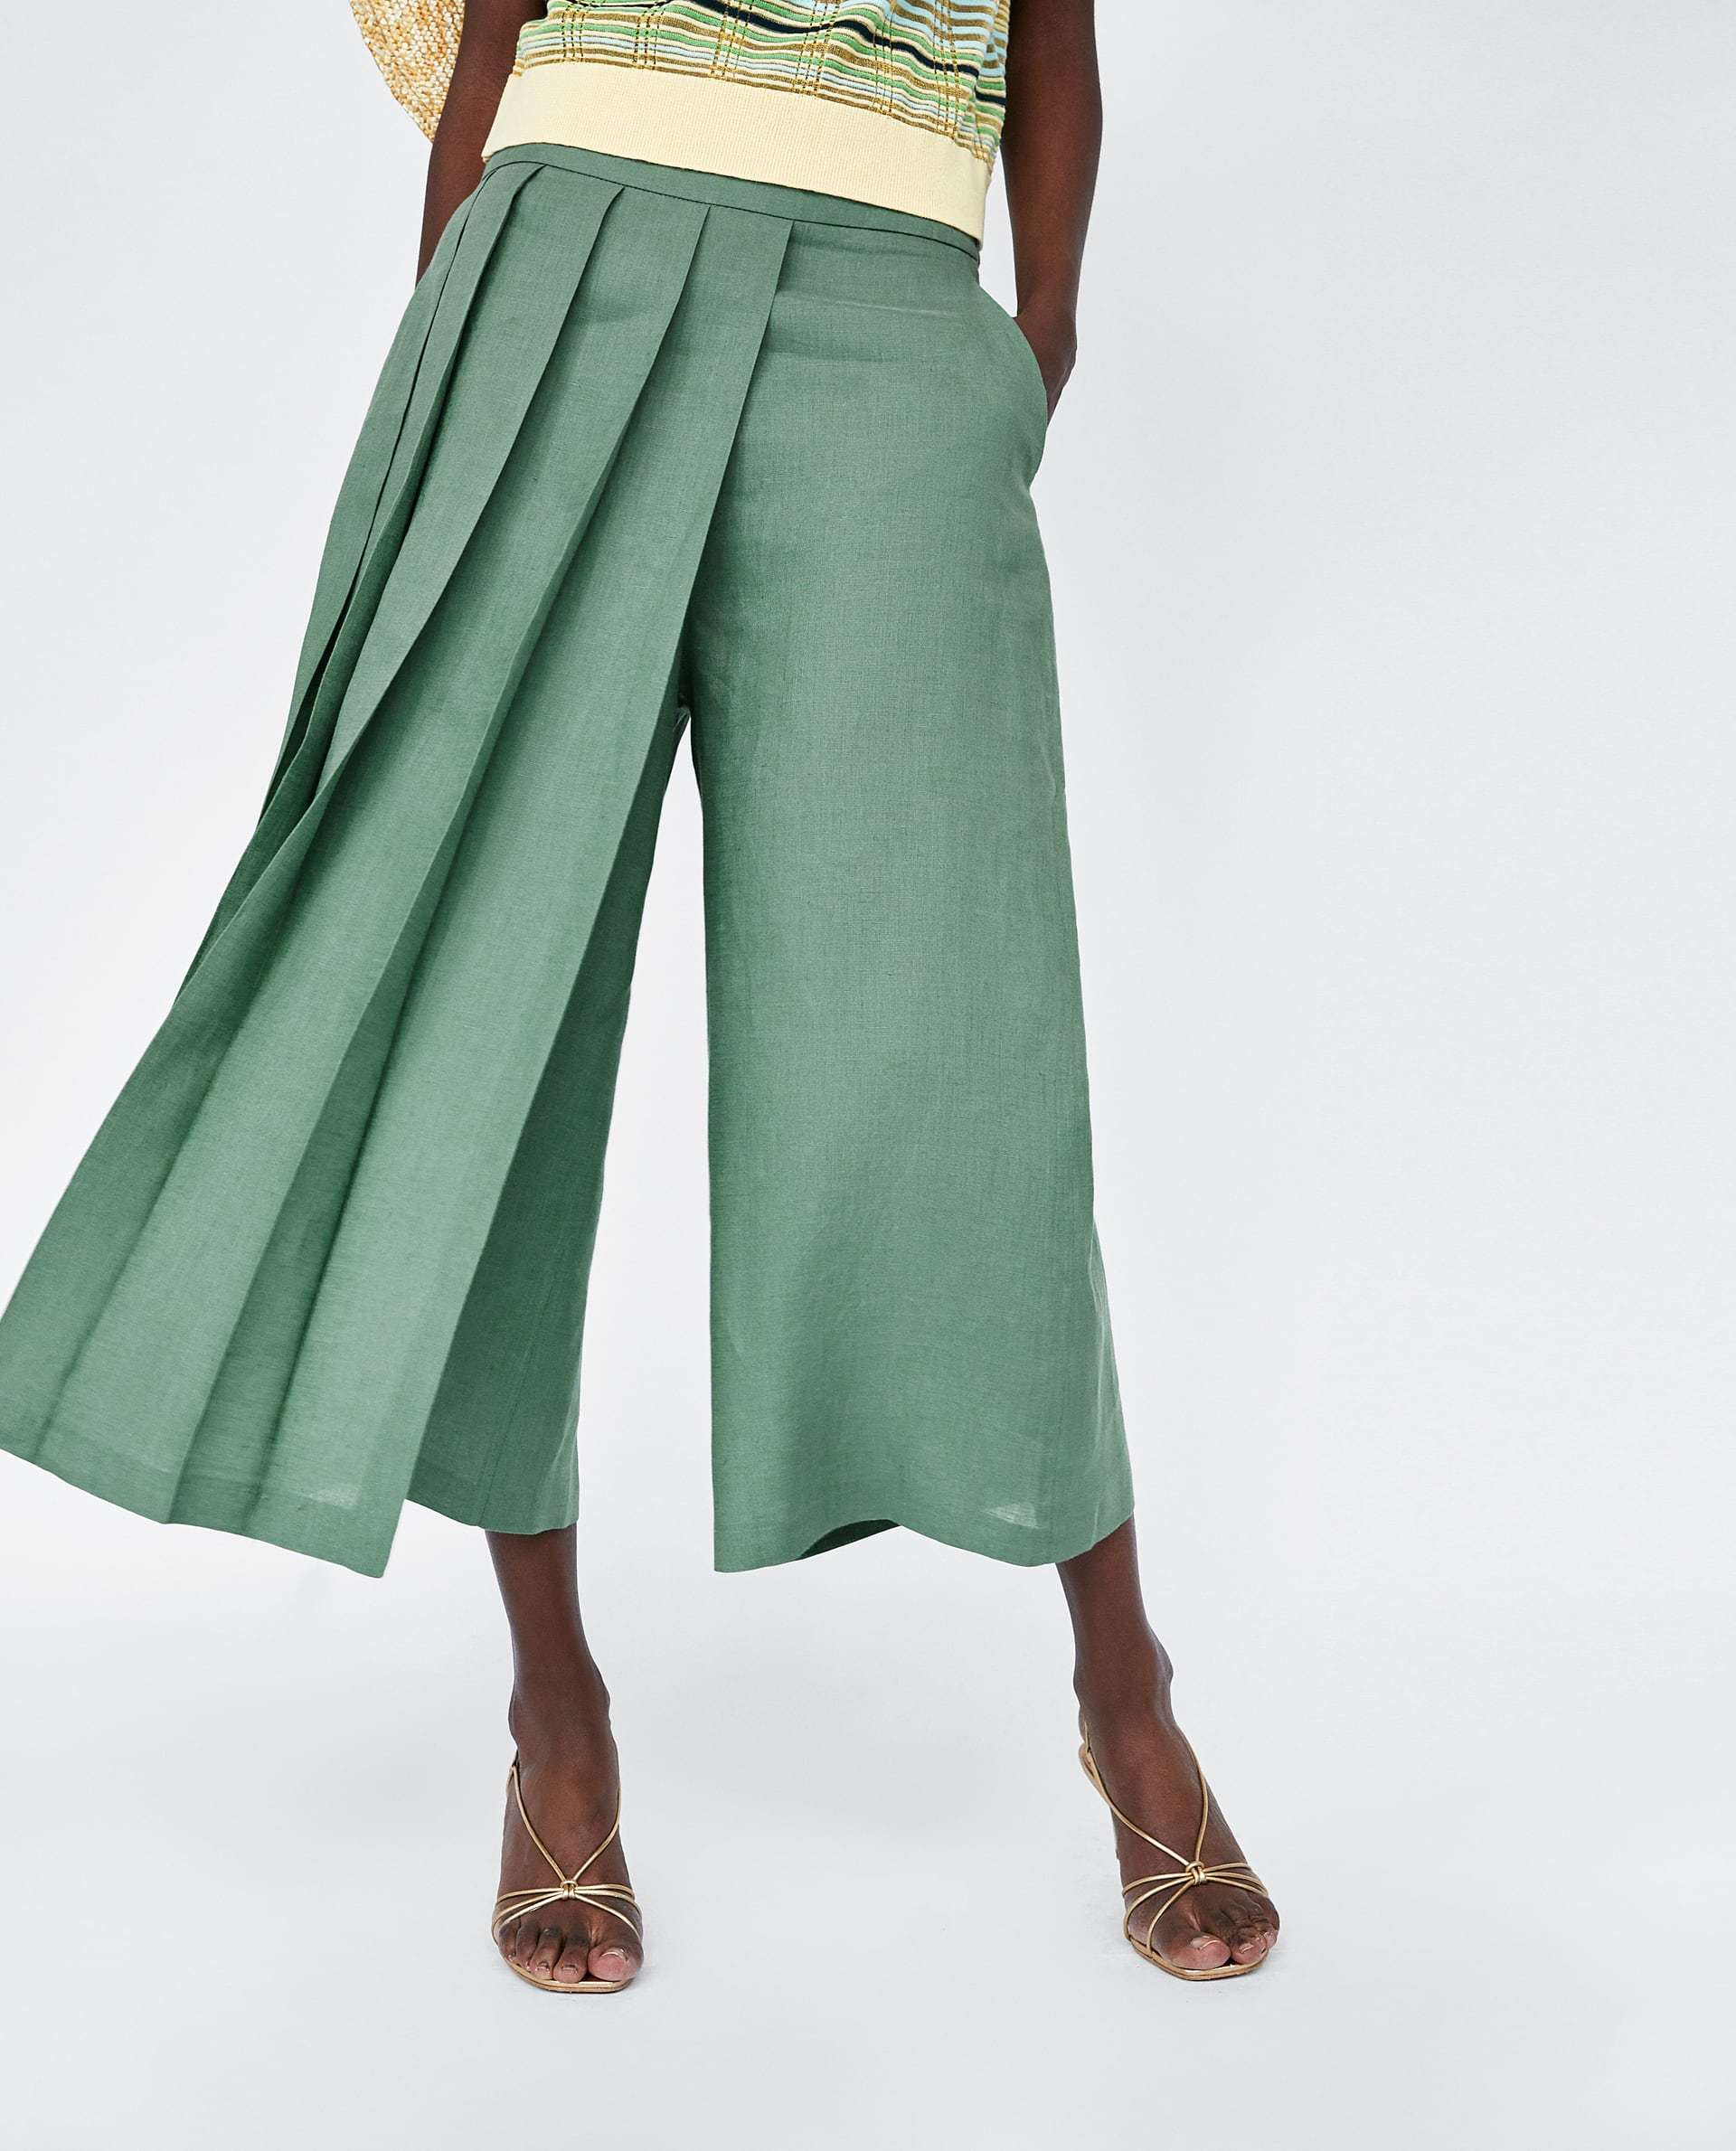 nuevo producto eadc4 8f0cc La falda pantalón vuelve (y hemos encontrado el modelo ...